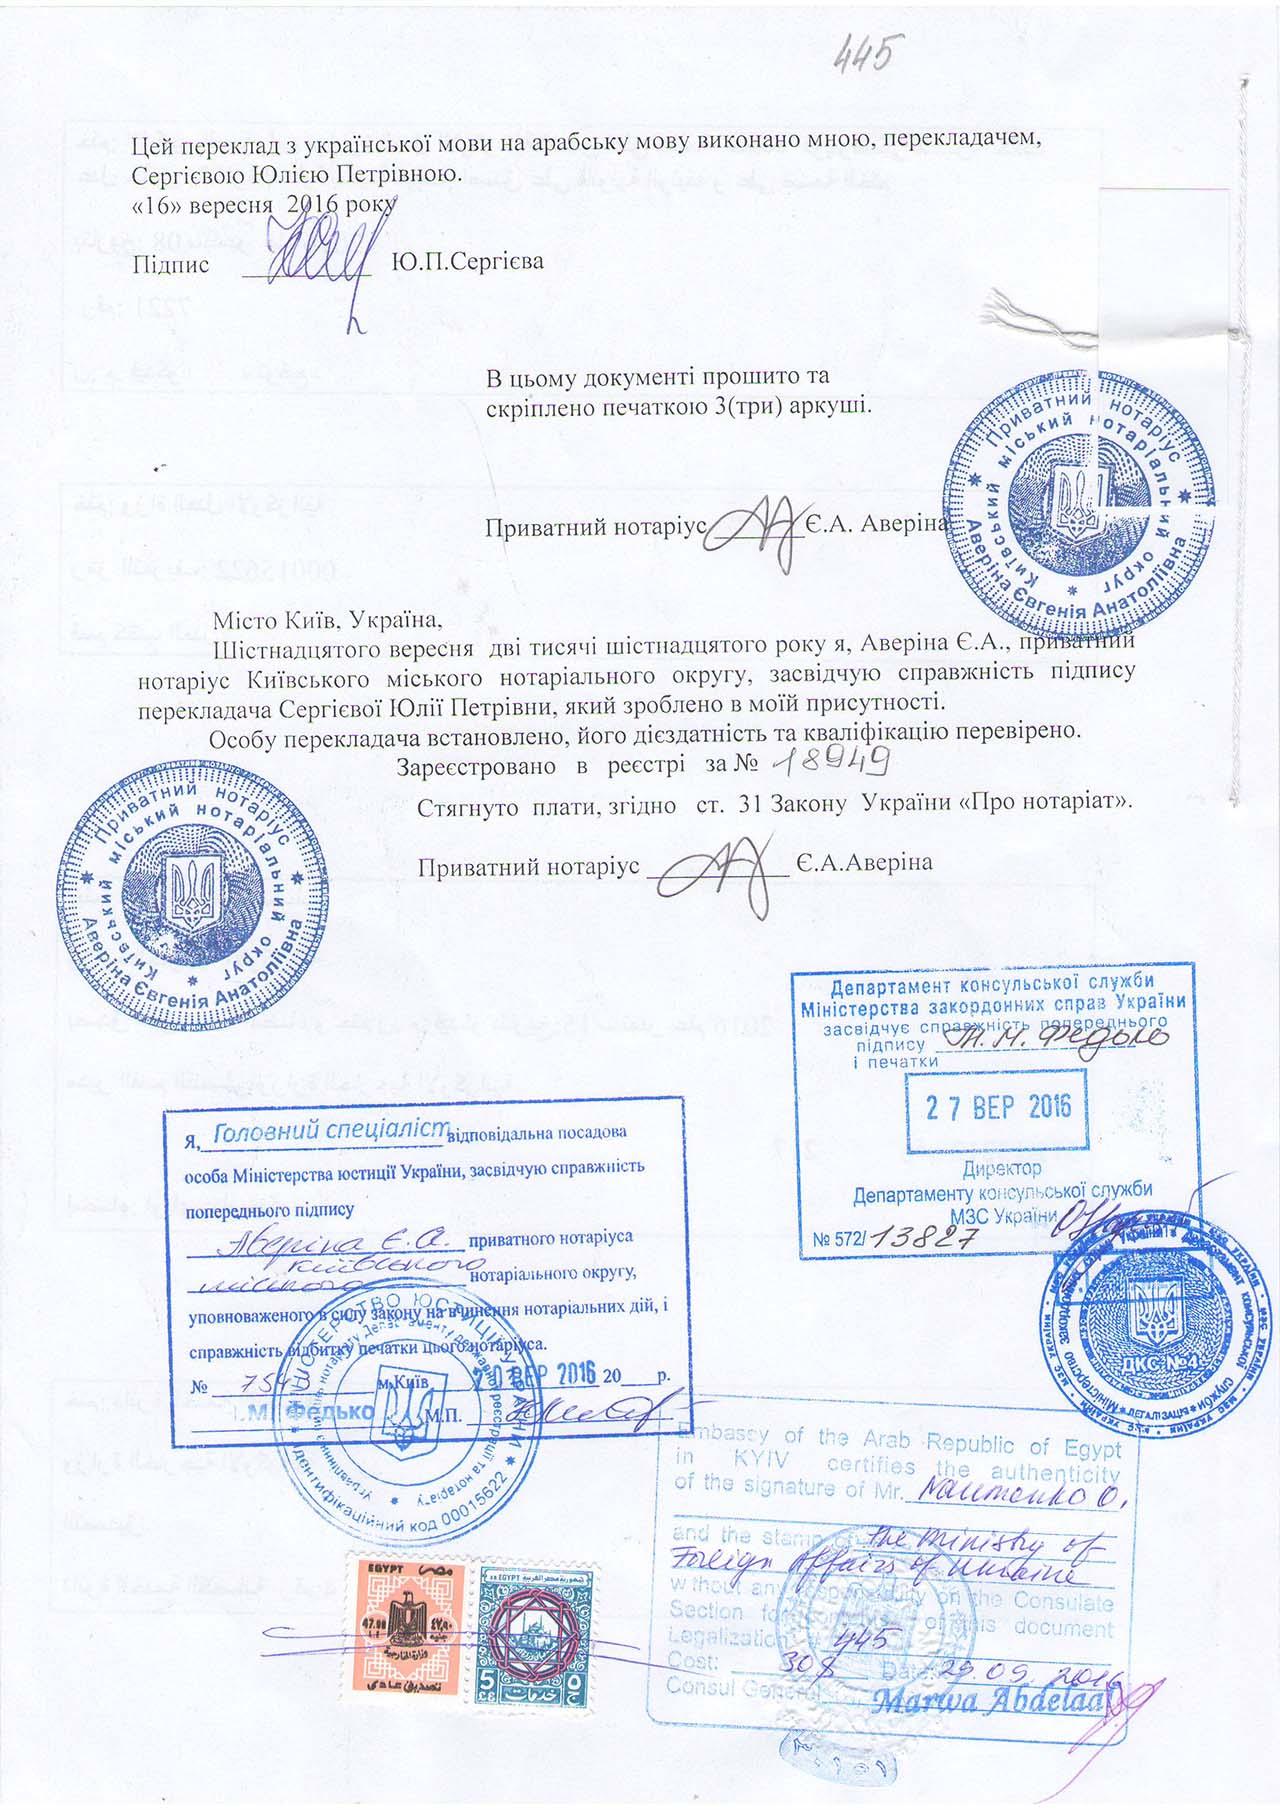 Образец консульской легализации для Египта-2 - Справка Информ